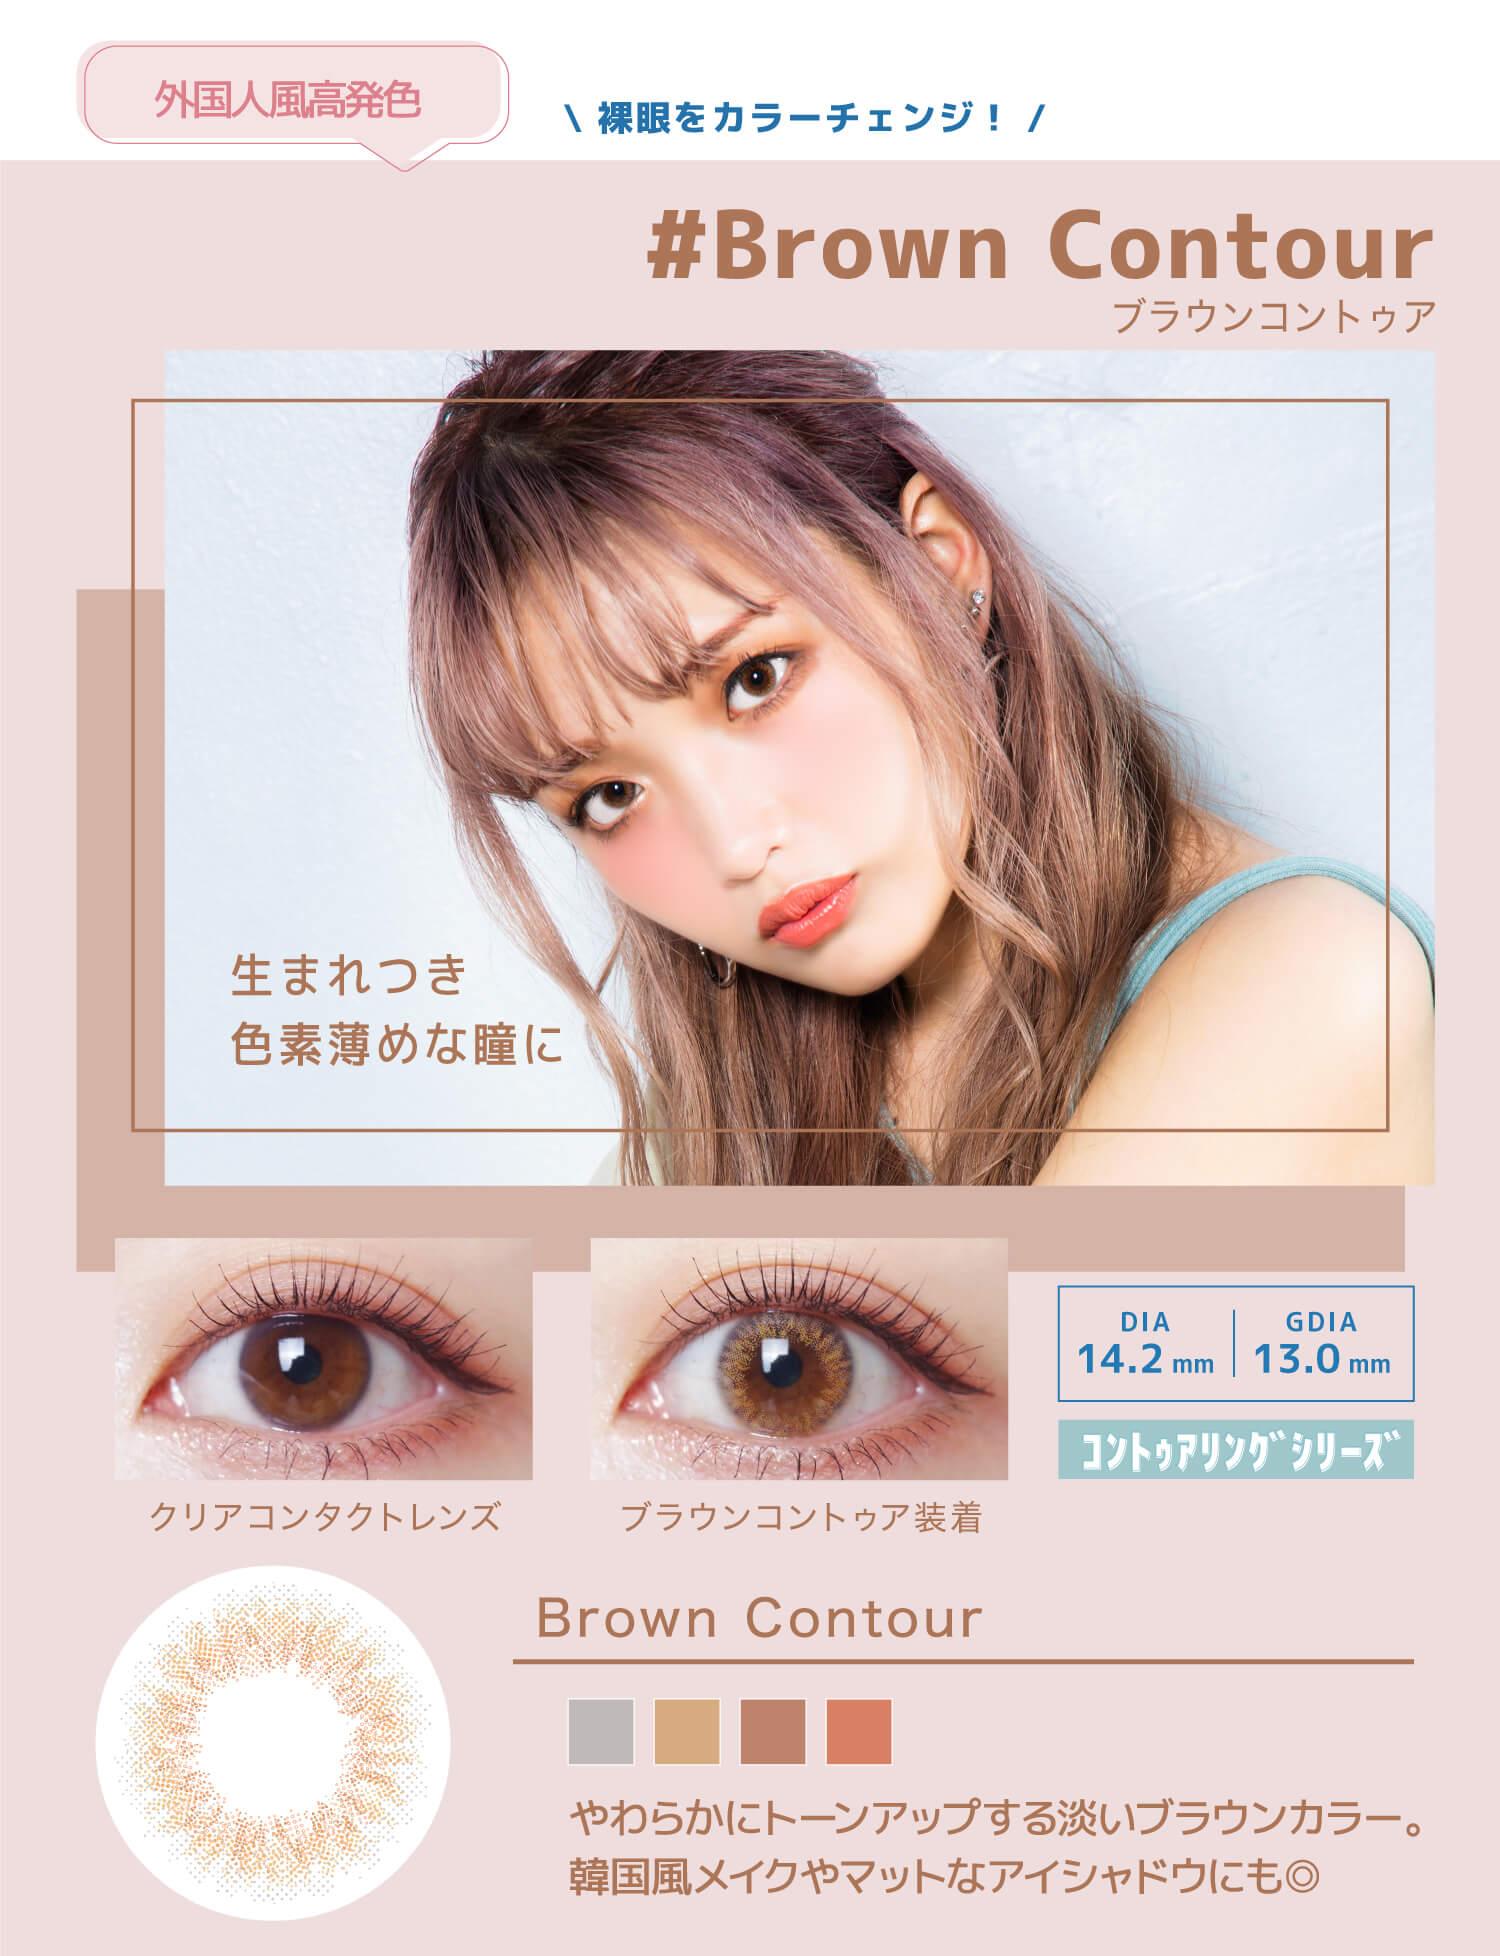 ねおイメージモデルカラコン SHERIQUE-シェリーク|外国人風高発色 #Brown Contour ブラウンコントゥア 生まれつき色素薄めな瞳に Brown Contour ブラウンコントゥア クリアコンタクトレンズ ブラウンコントゥア装着 DIA14.2mm GDIA13.0mm コントゥアリングシリーズ Brown Contour やわらかにトーンアップする淡いブラウンカラー。韓国風メイクやマットなアイシャドウにも◎